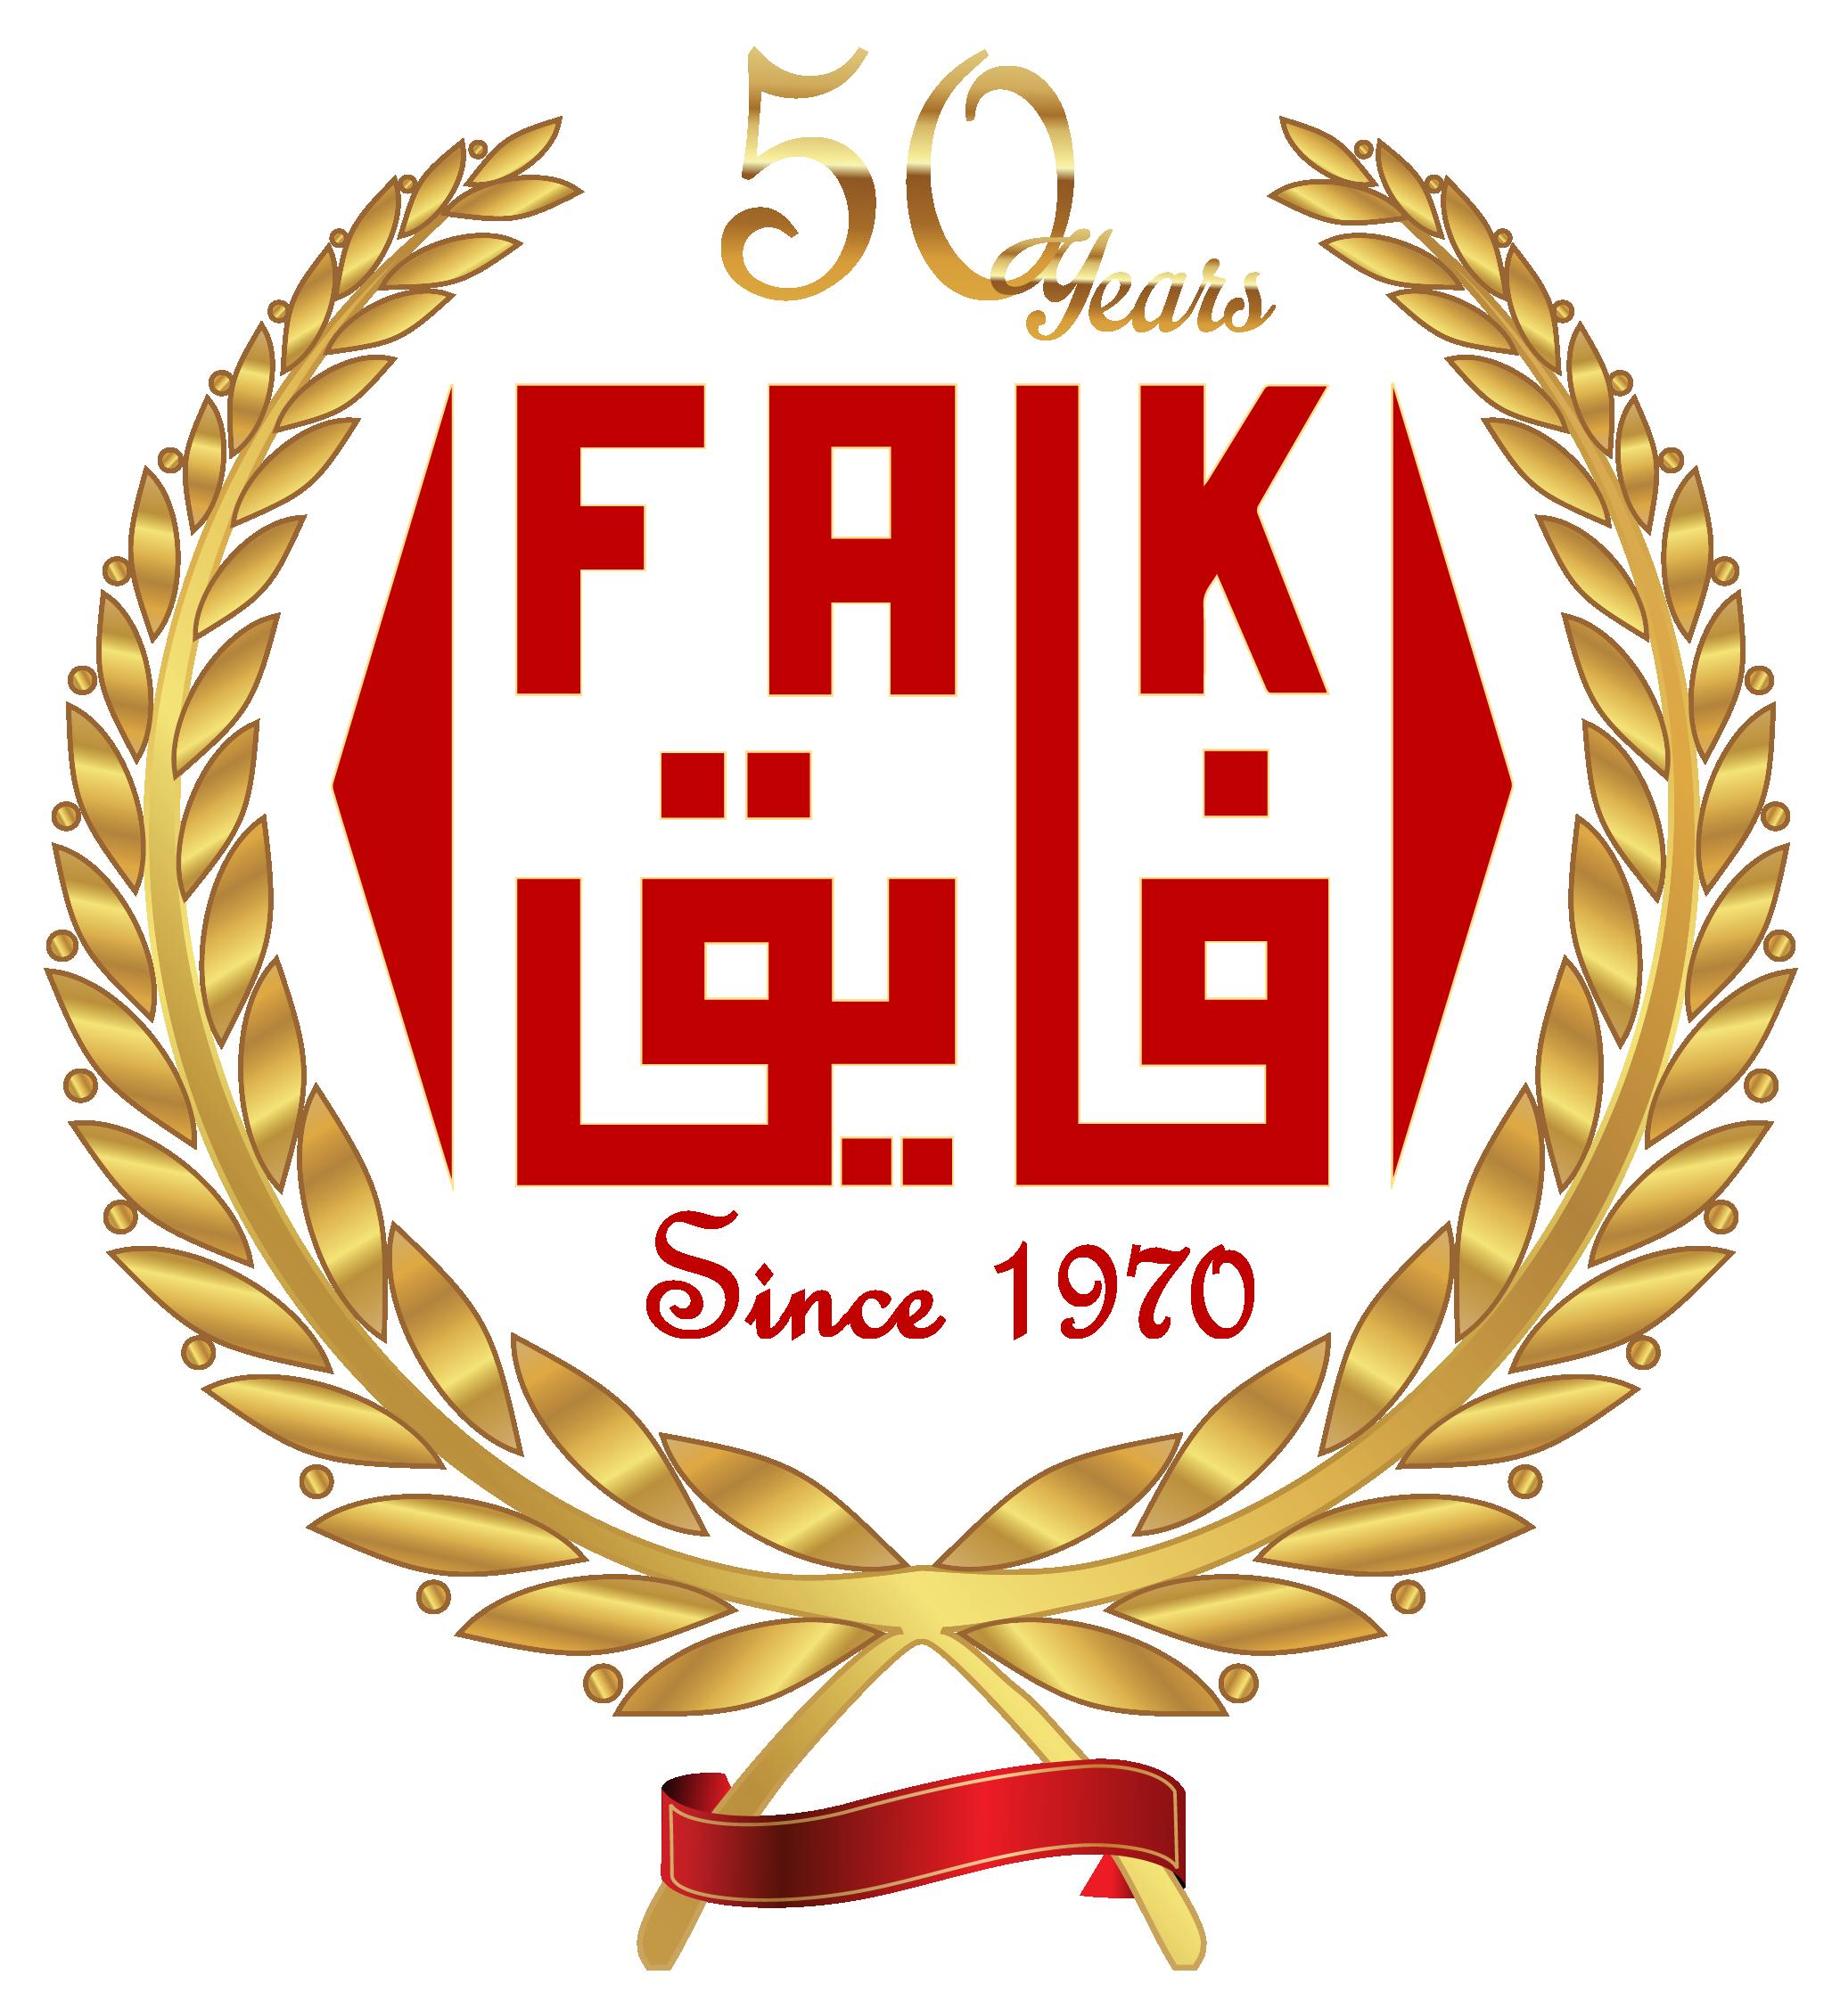 faik3 خلفية بيضاء